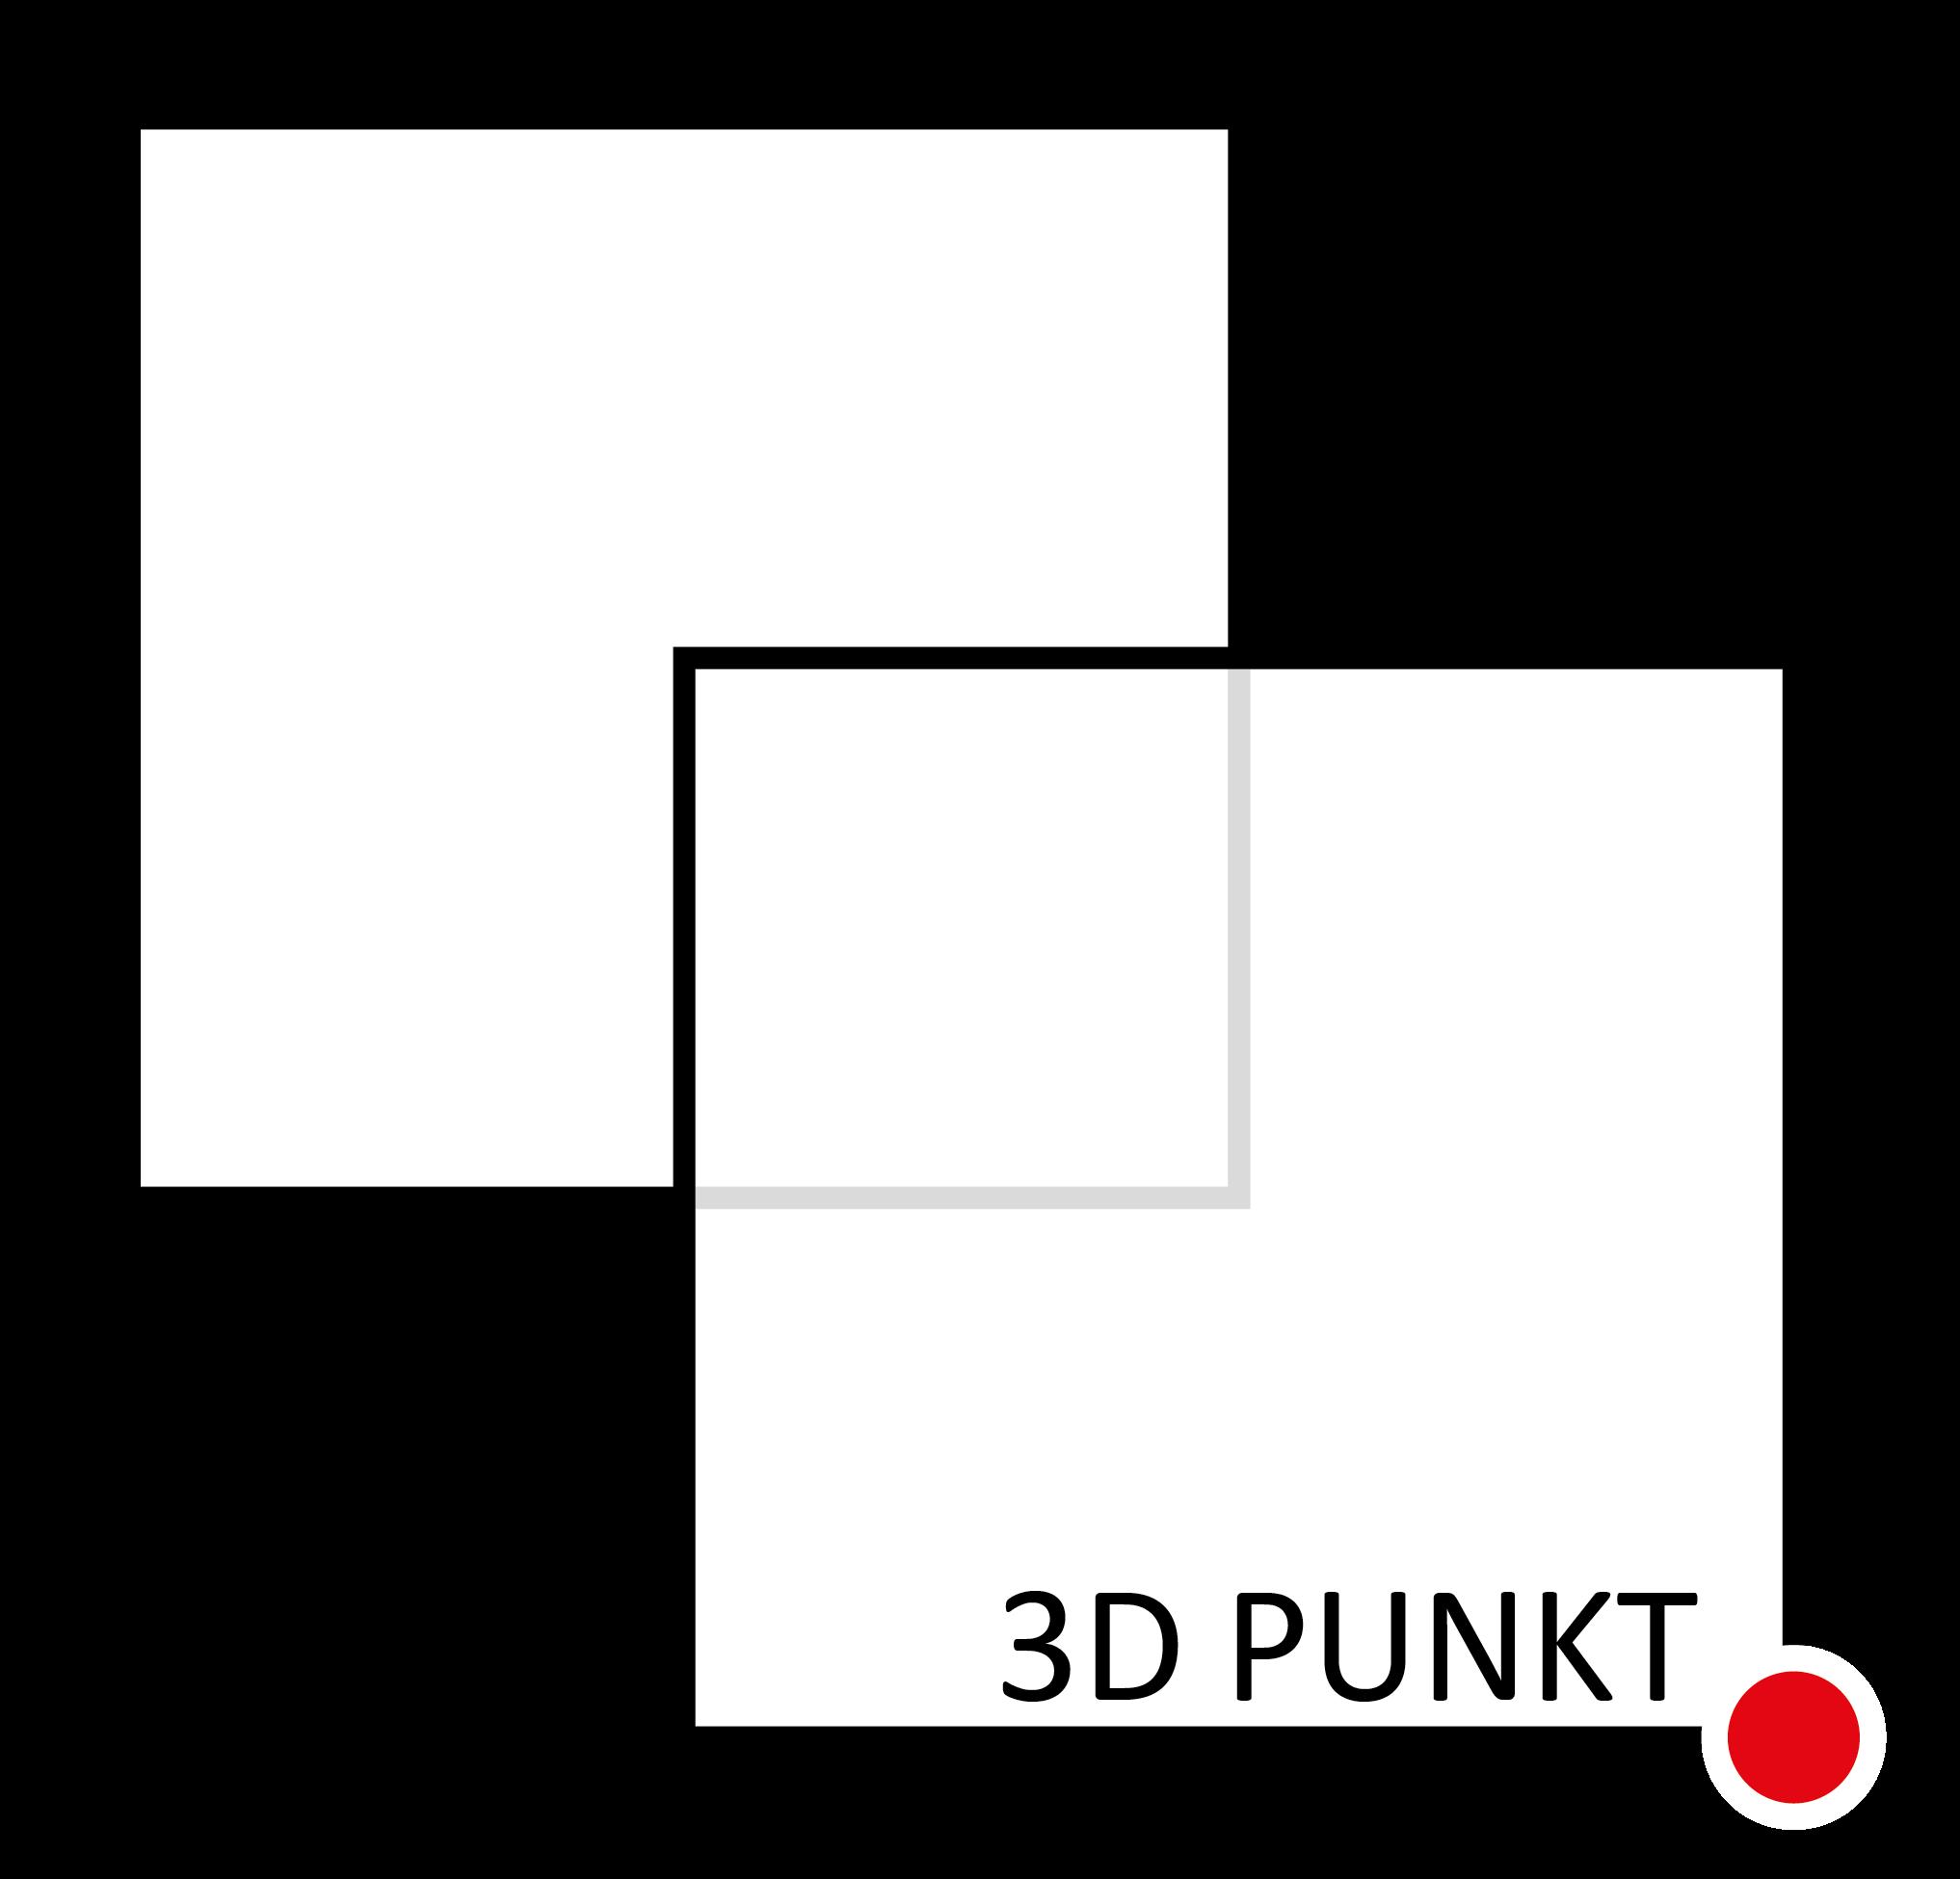 3D Punkt